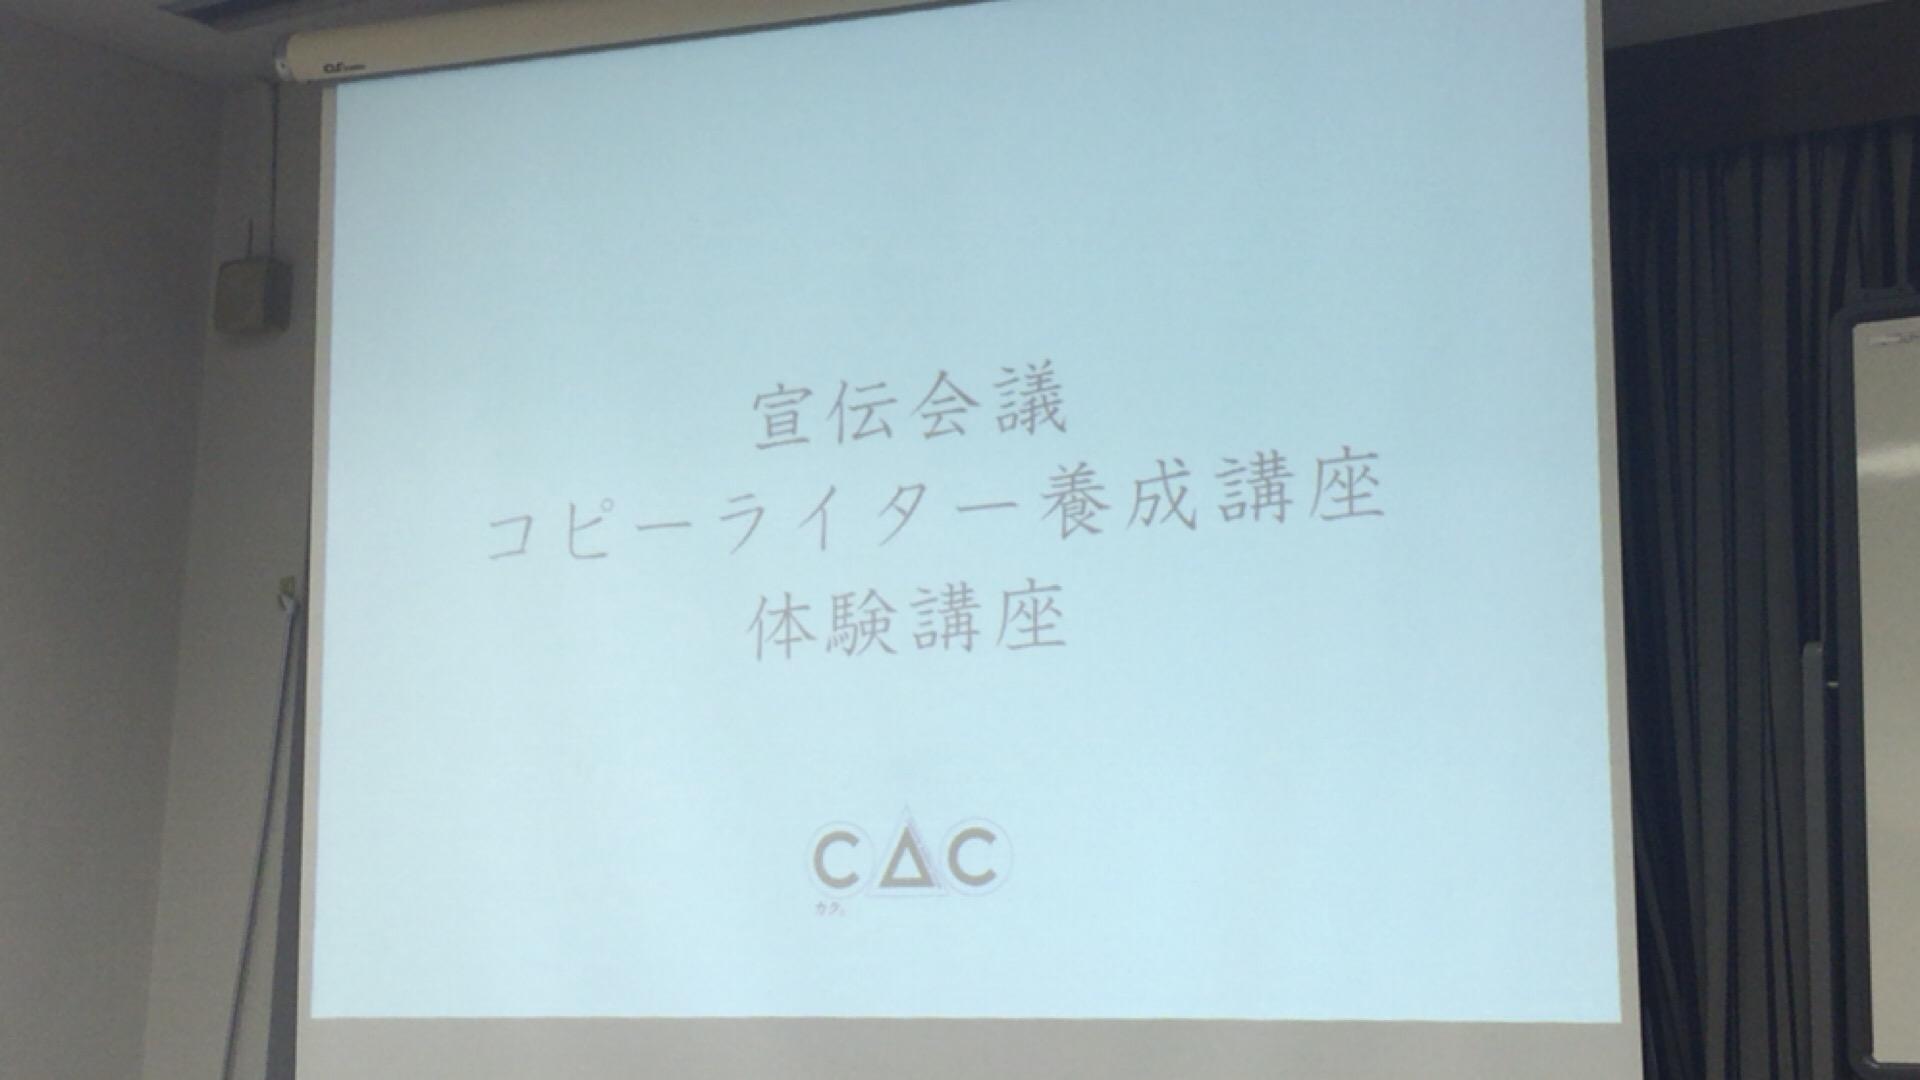 宣伝会議さま主催のコピーライター養成体験講座に参加しています!